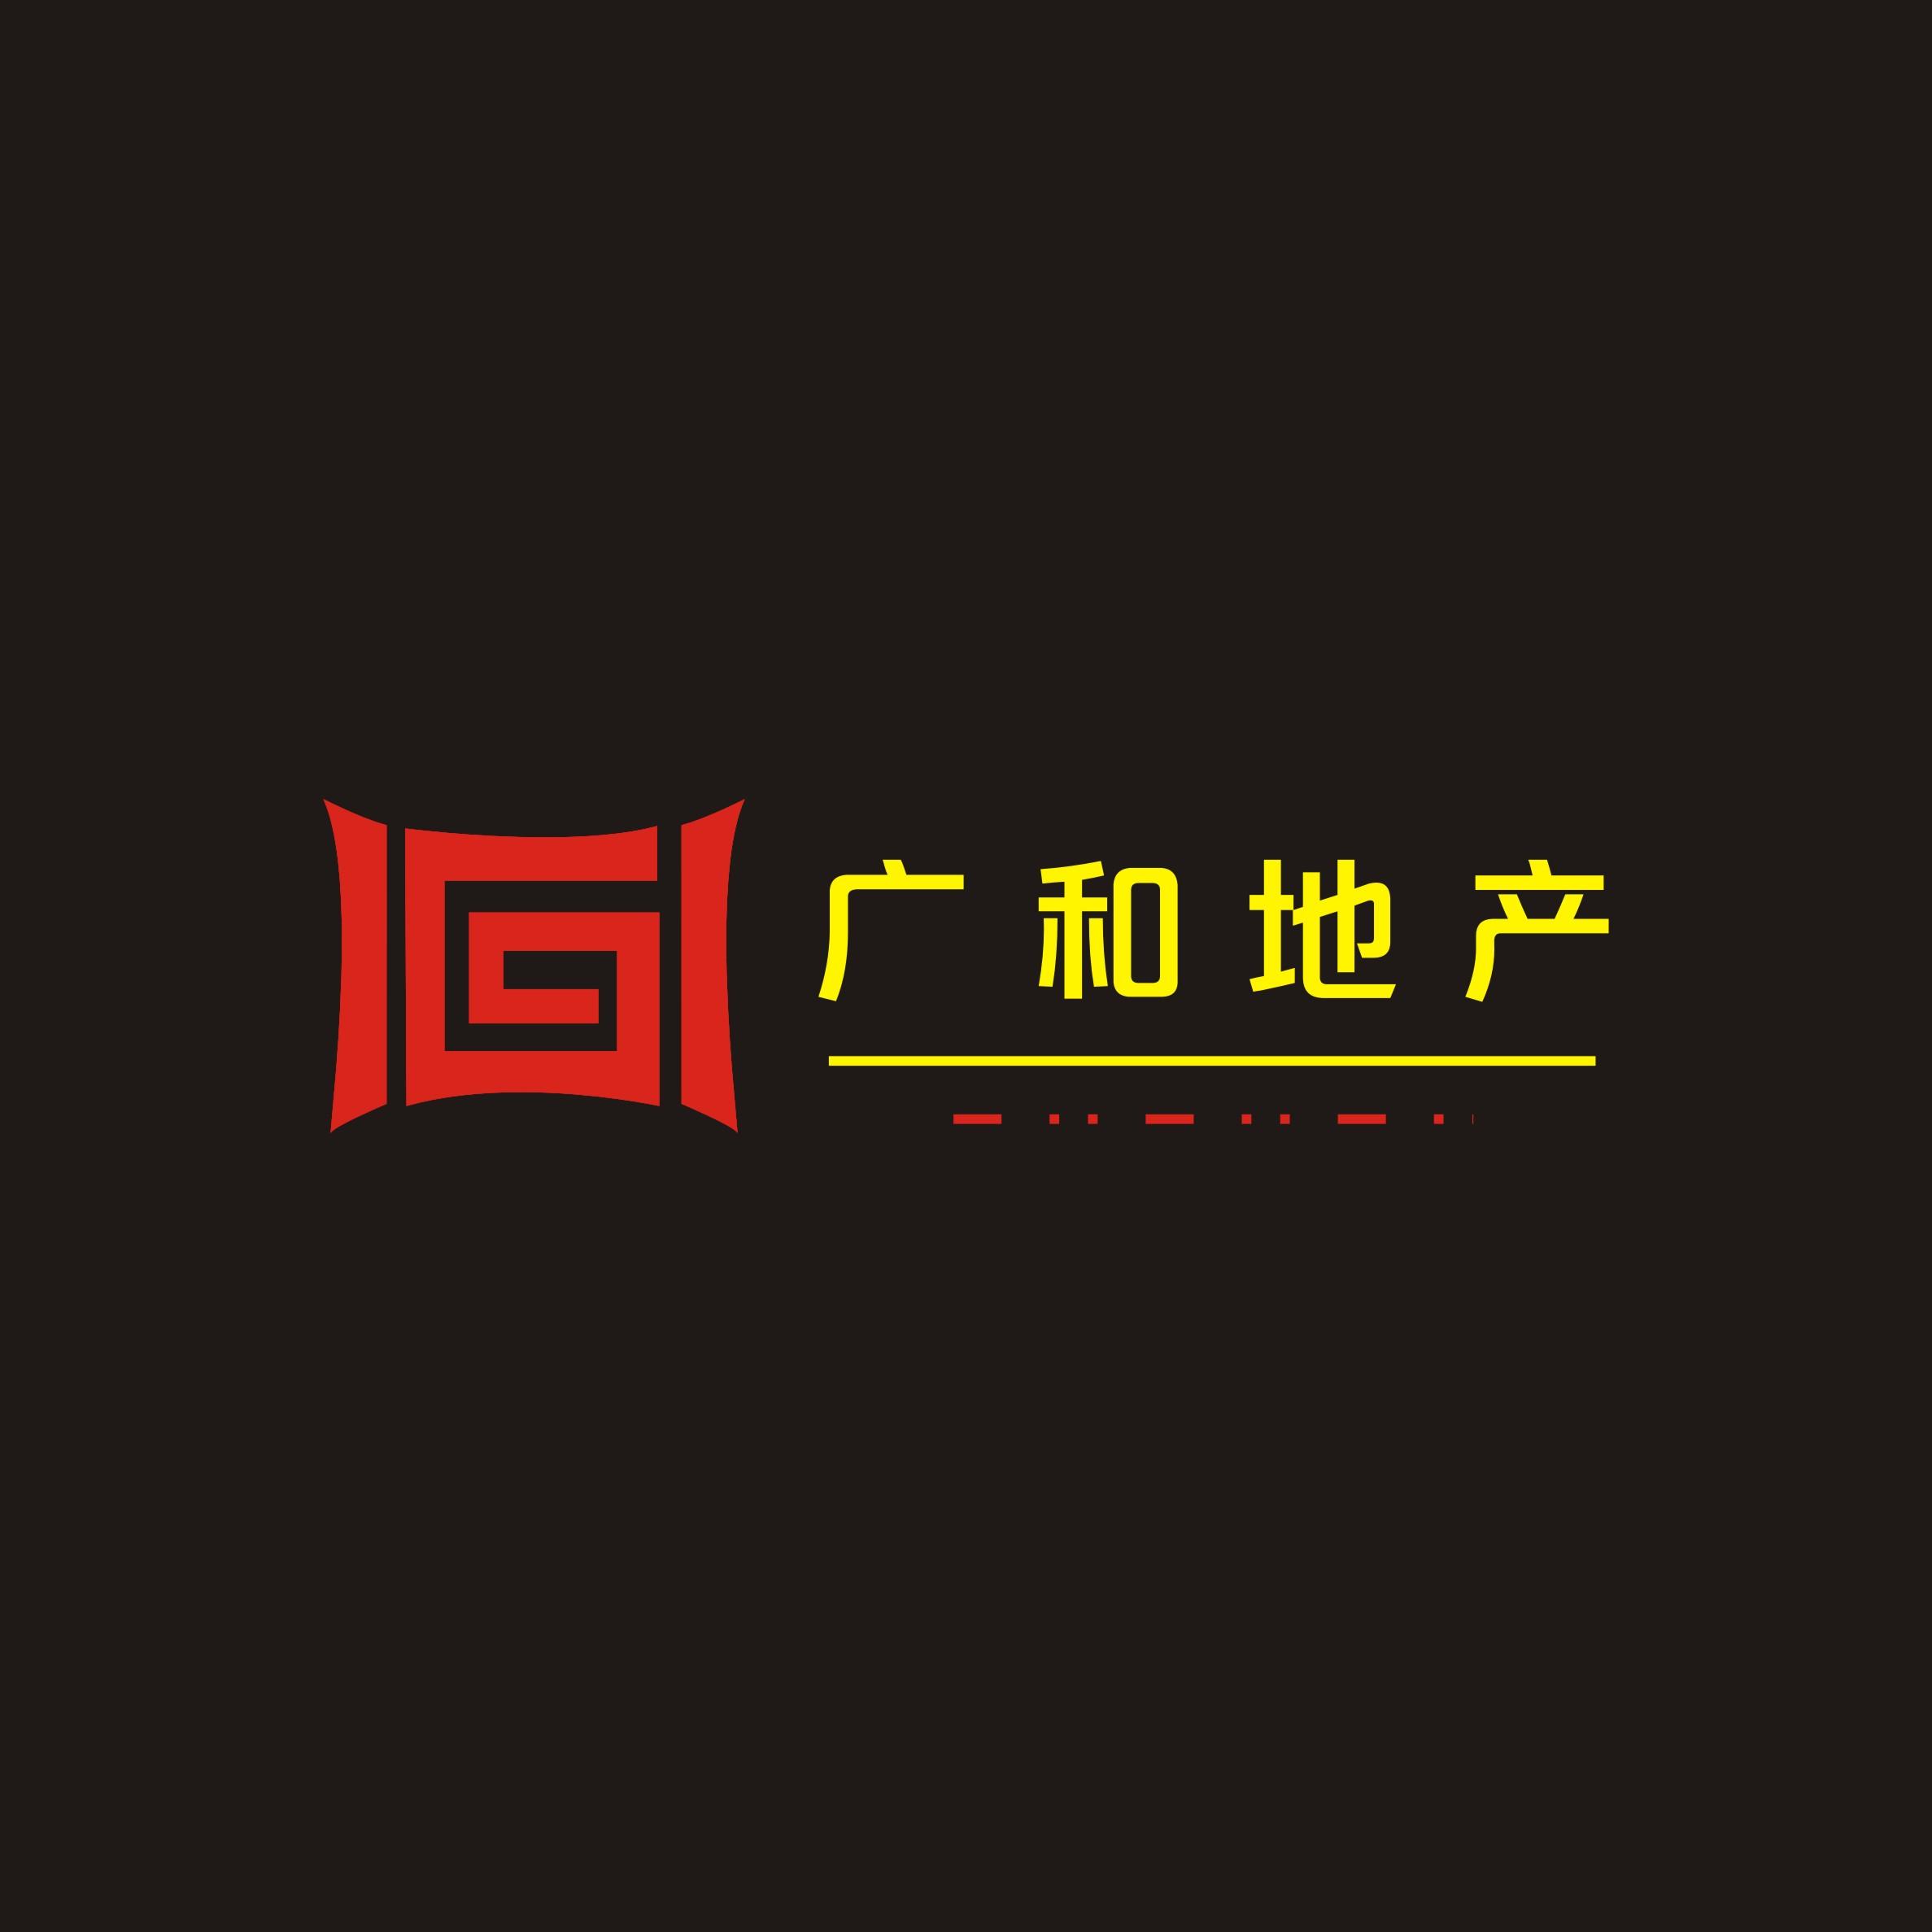 绍兴广和房地产营销策划有限公司